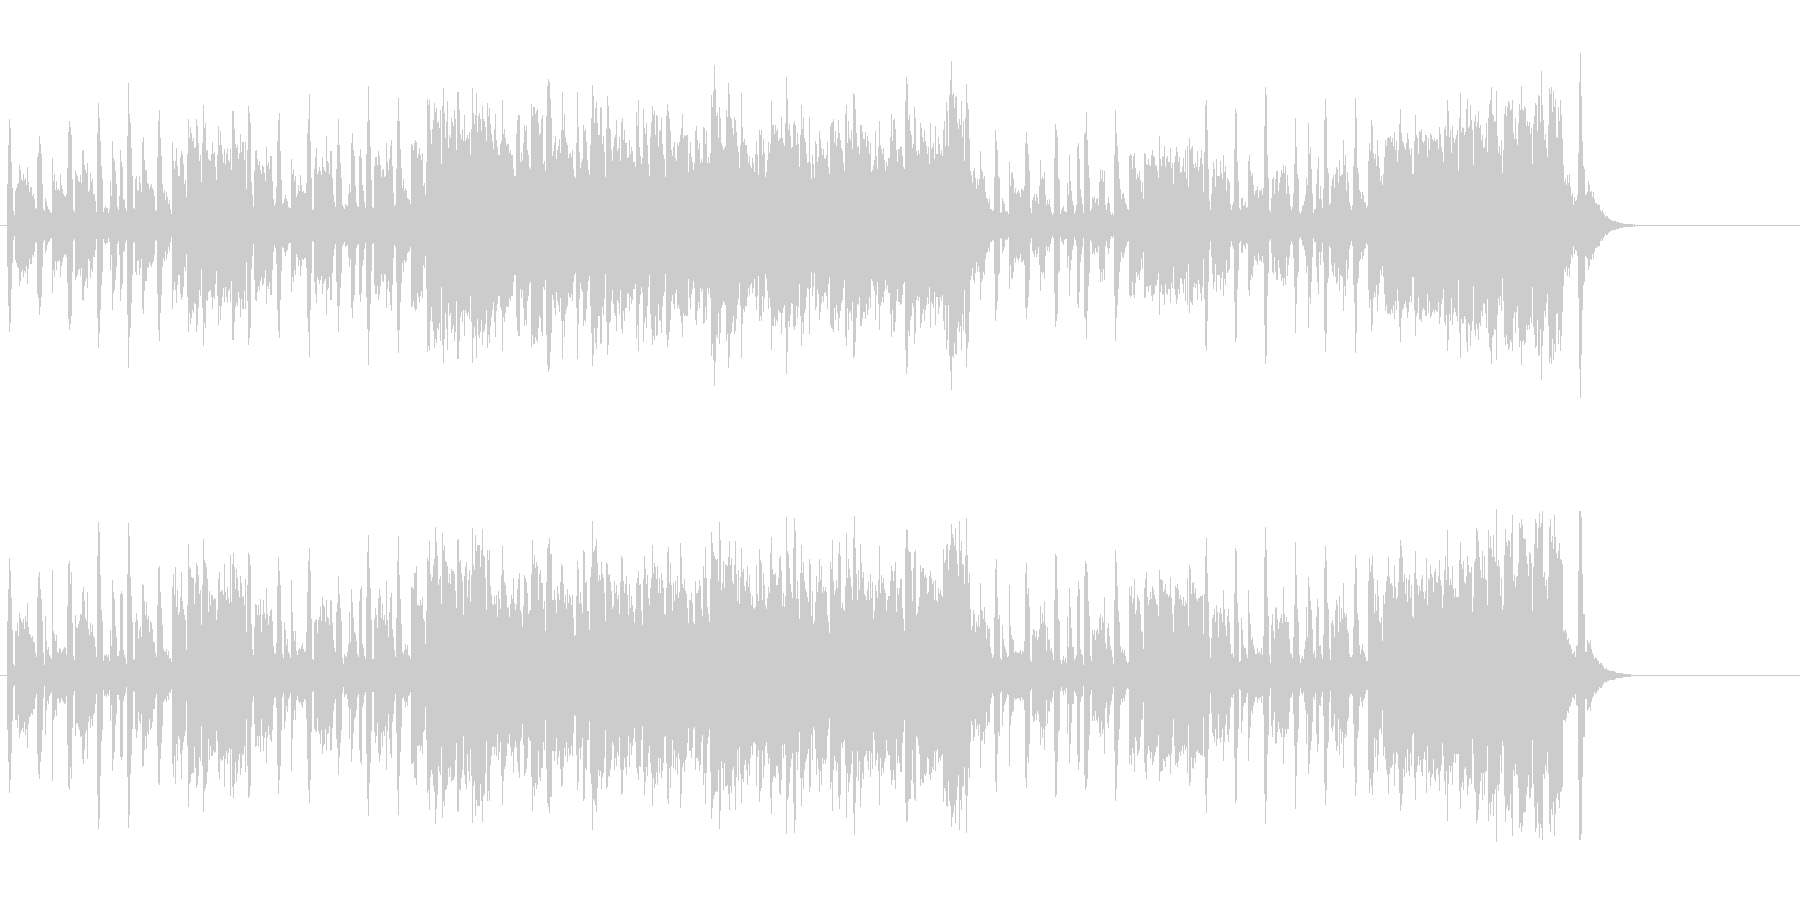 ポップ・サウンド(キャッチー&コミカル)の未再生の波形